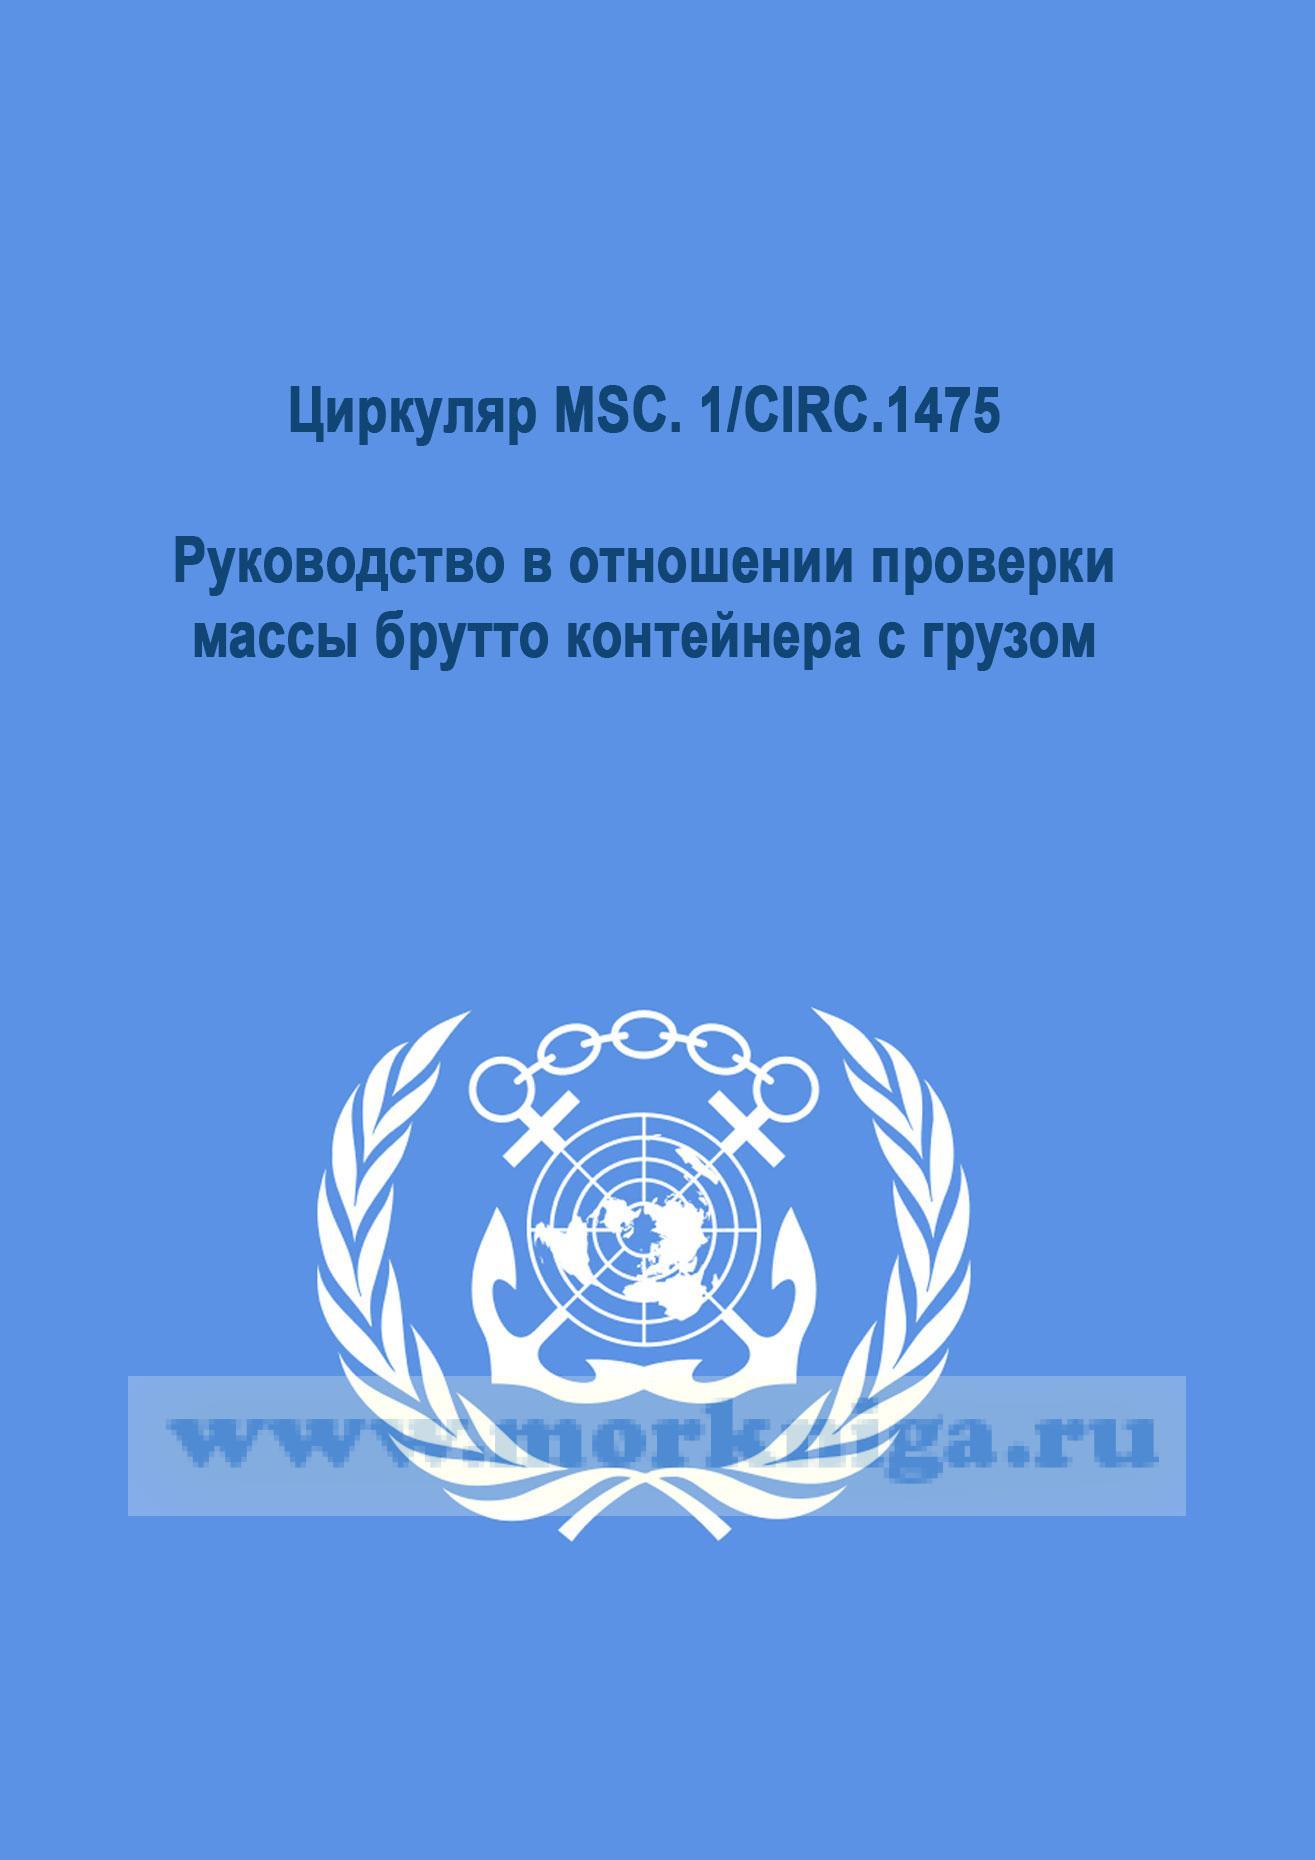 Циркуляр MSC. 1/CIRC.1475. Руководство в отношении проверки массы брутто контейнера с грузом